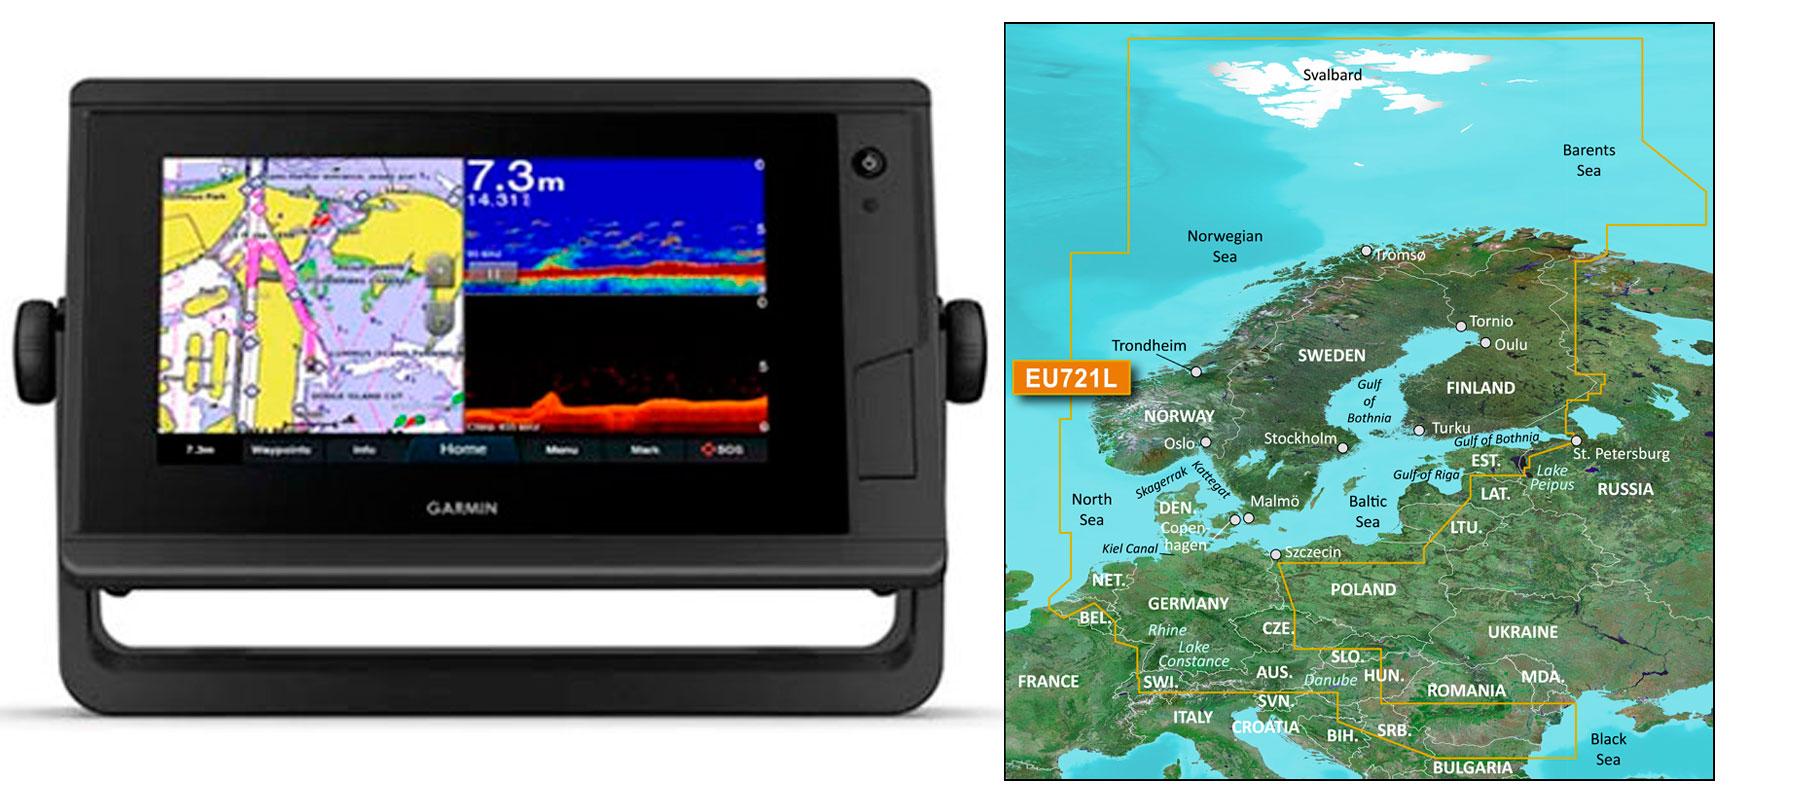 Garmin GPSmap 722xs Plus med veu721L søkort